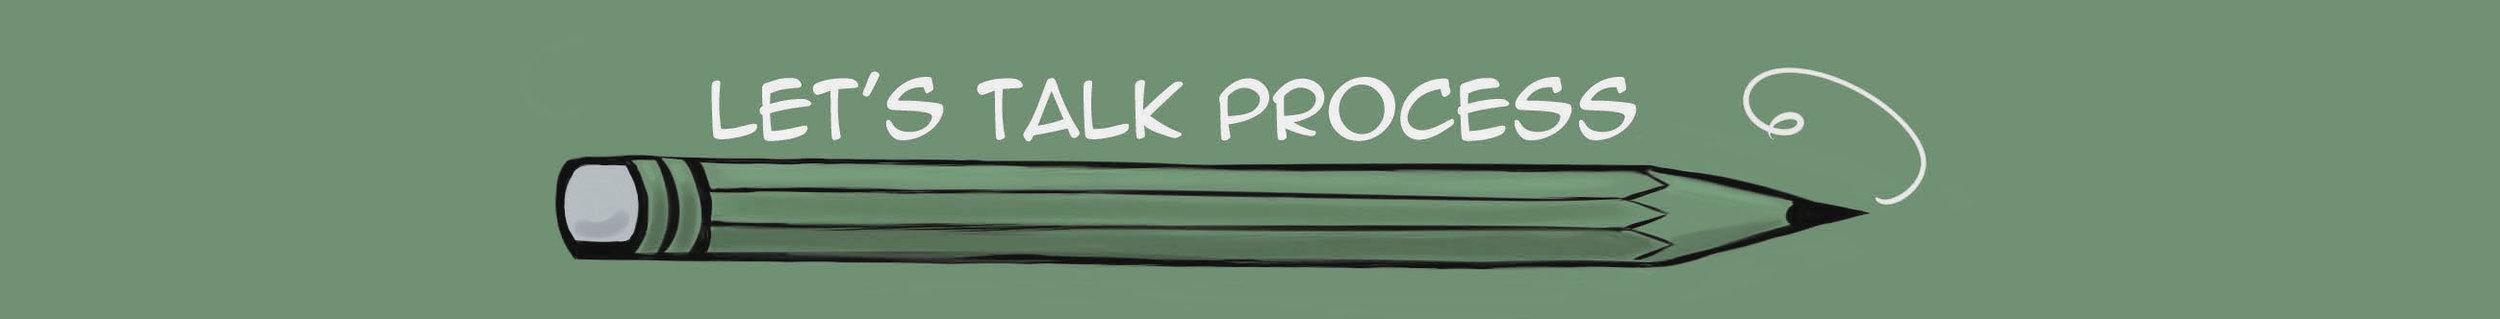 Let's talk logo green.jpg